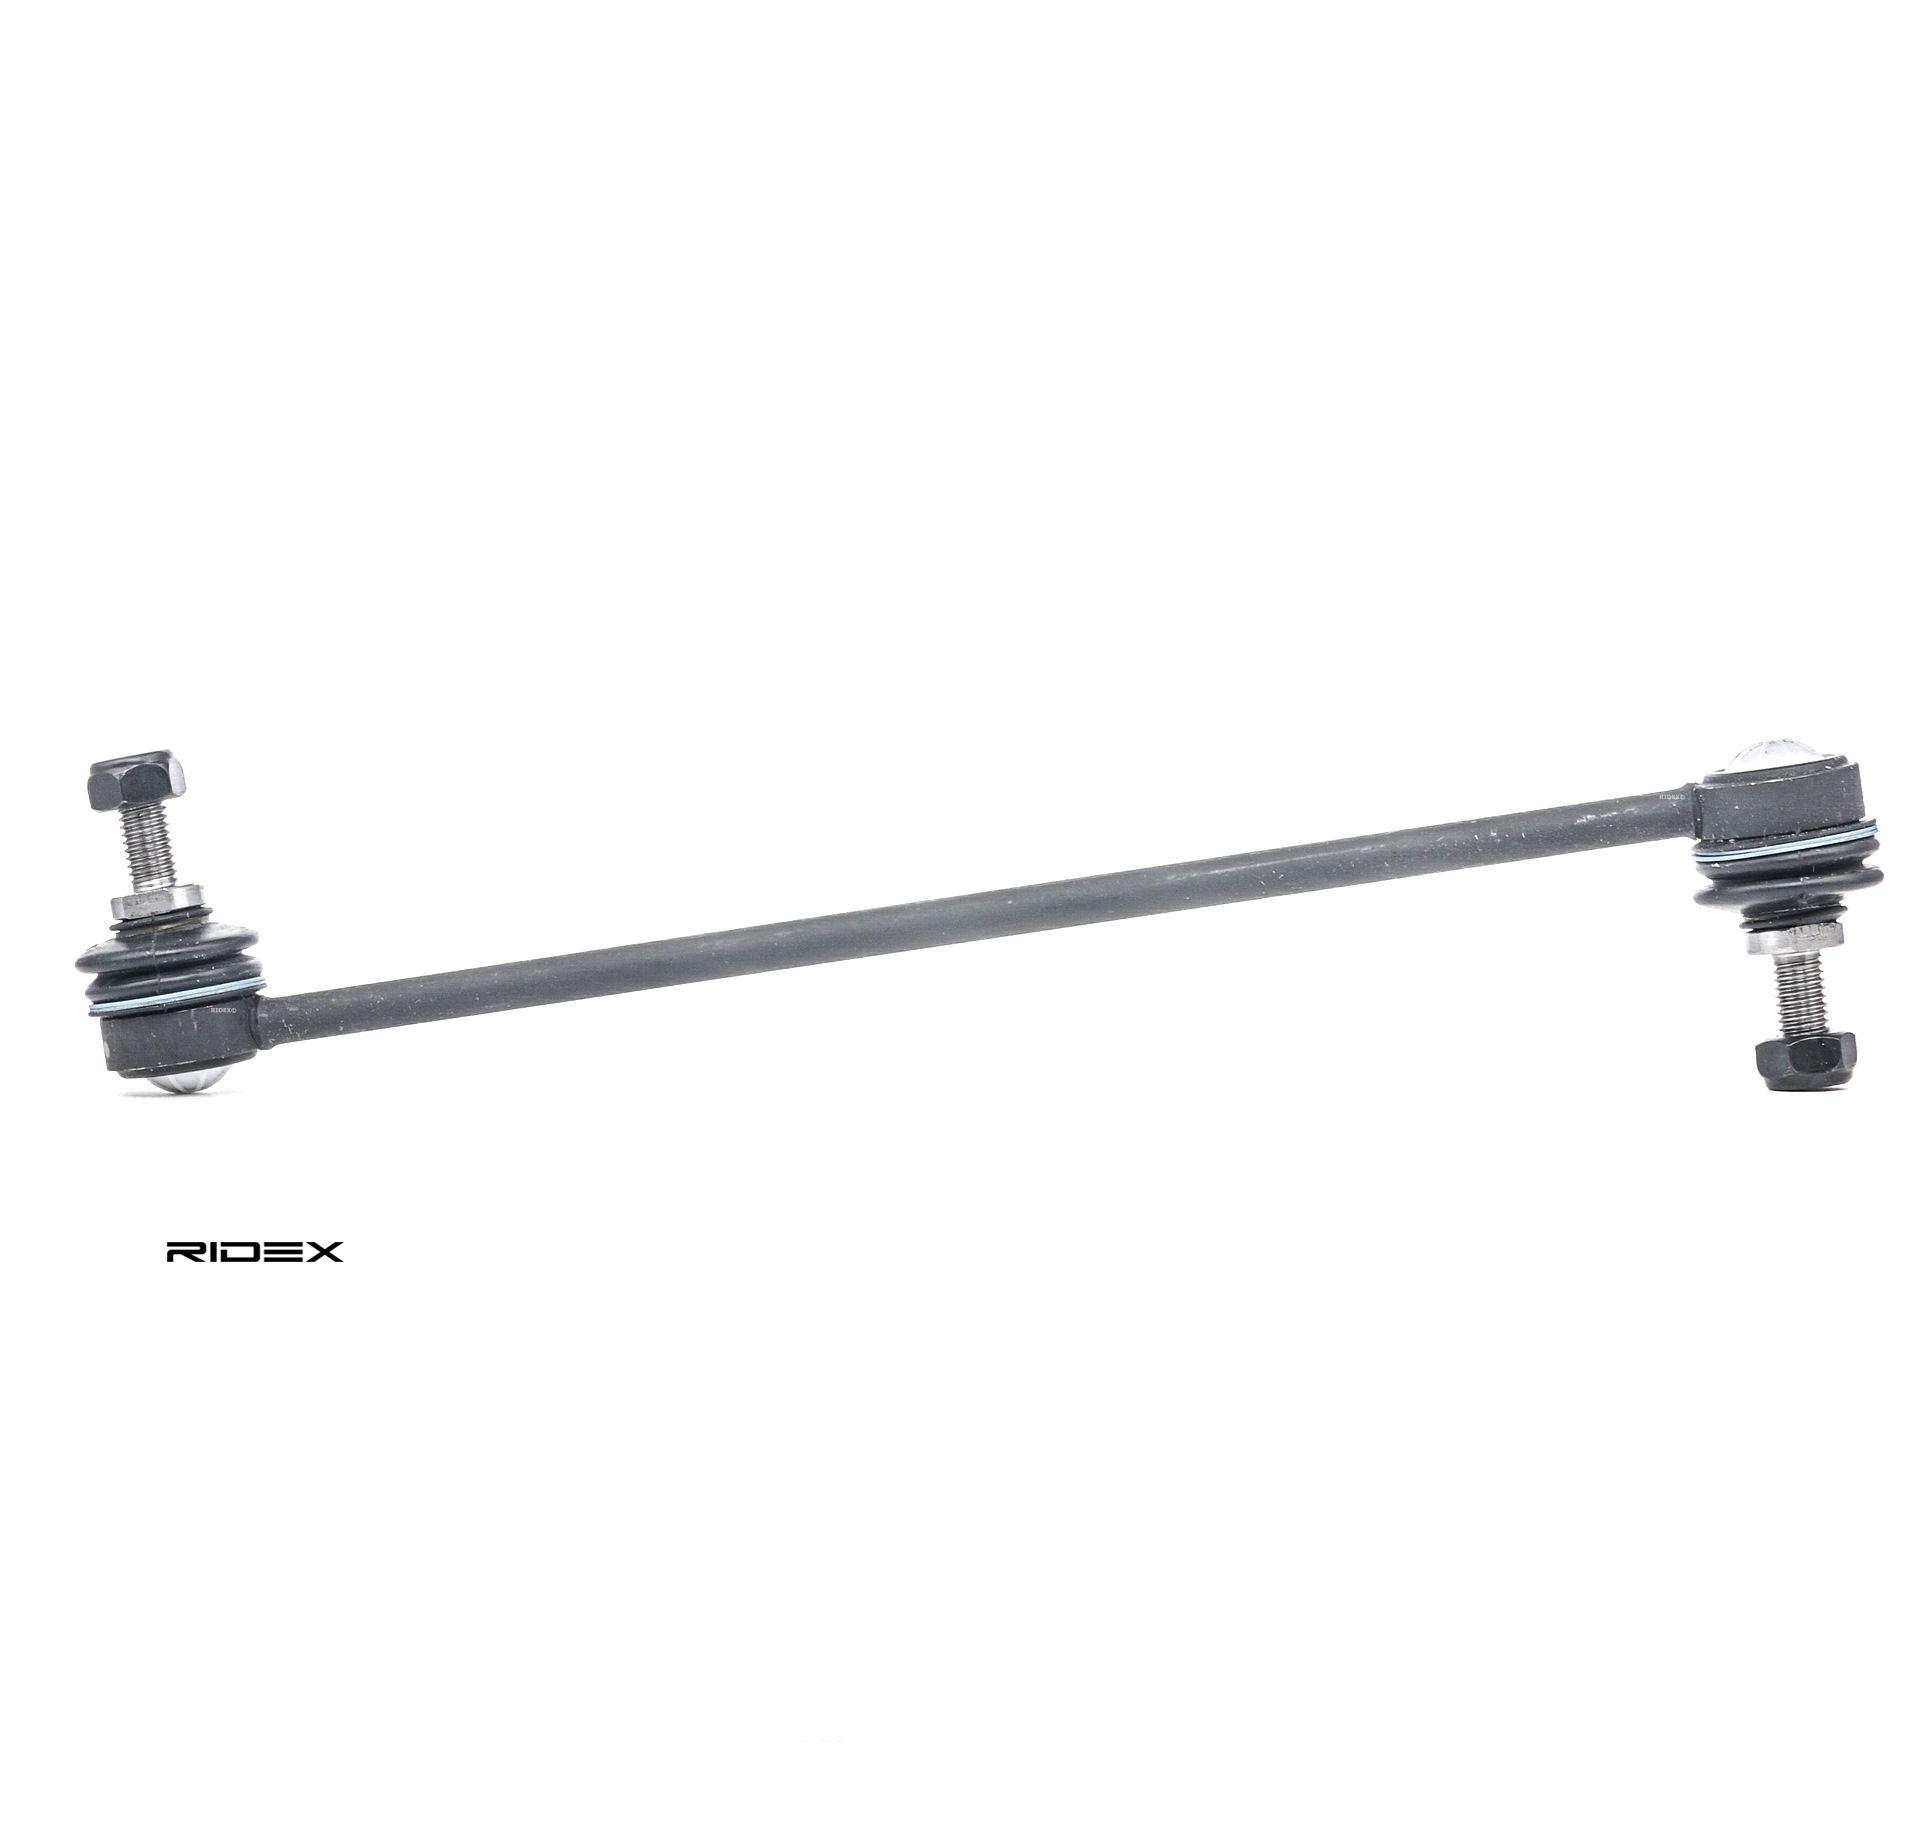 RIDEX: Original Stabistange 3229S0024 (Länge: 300mm)